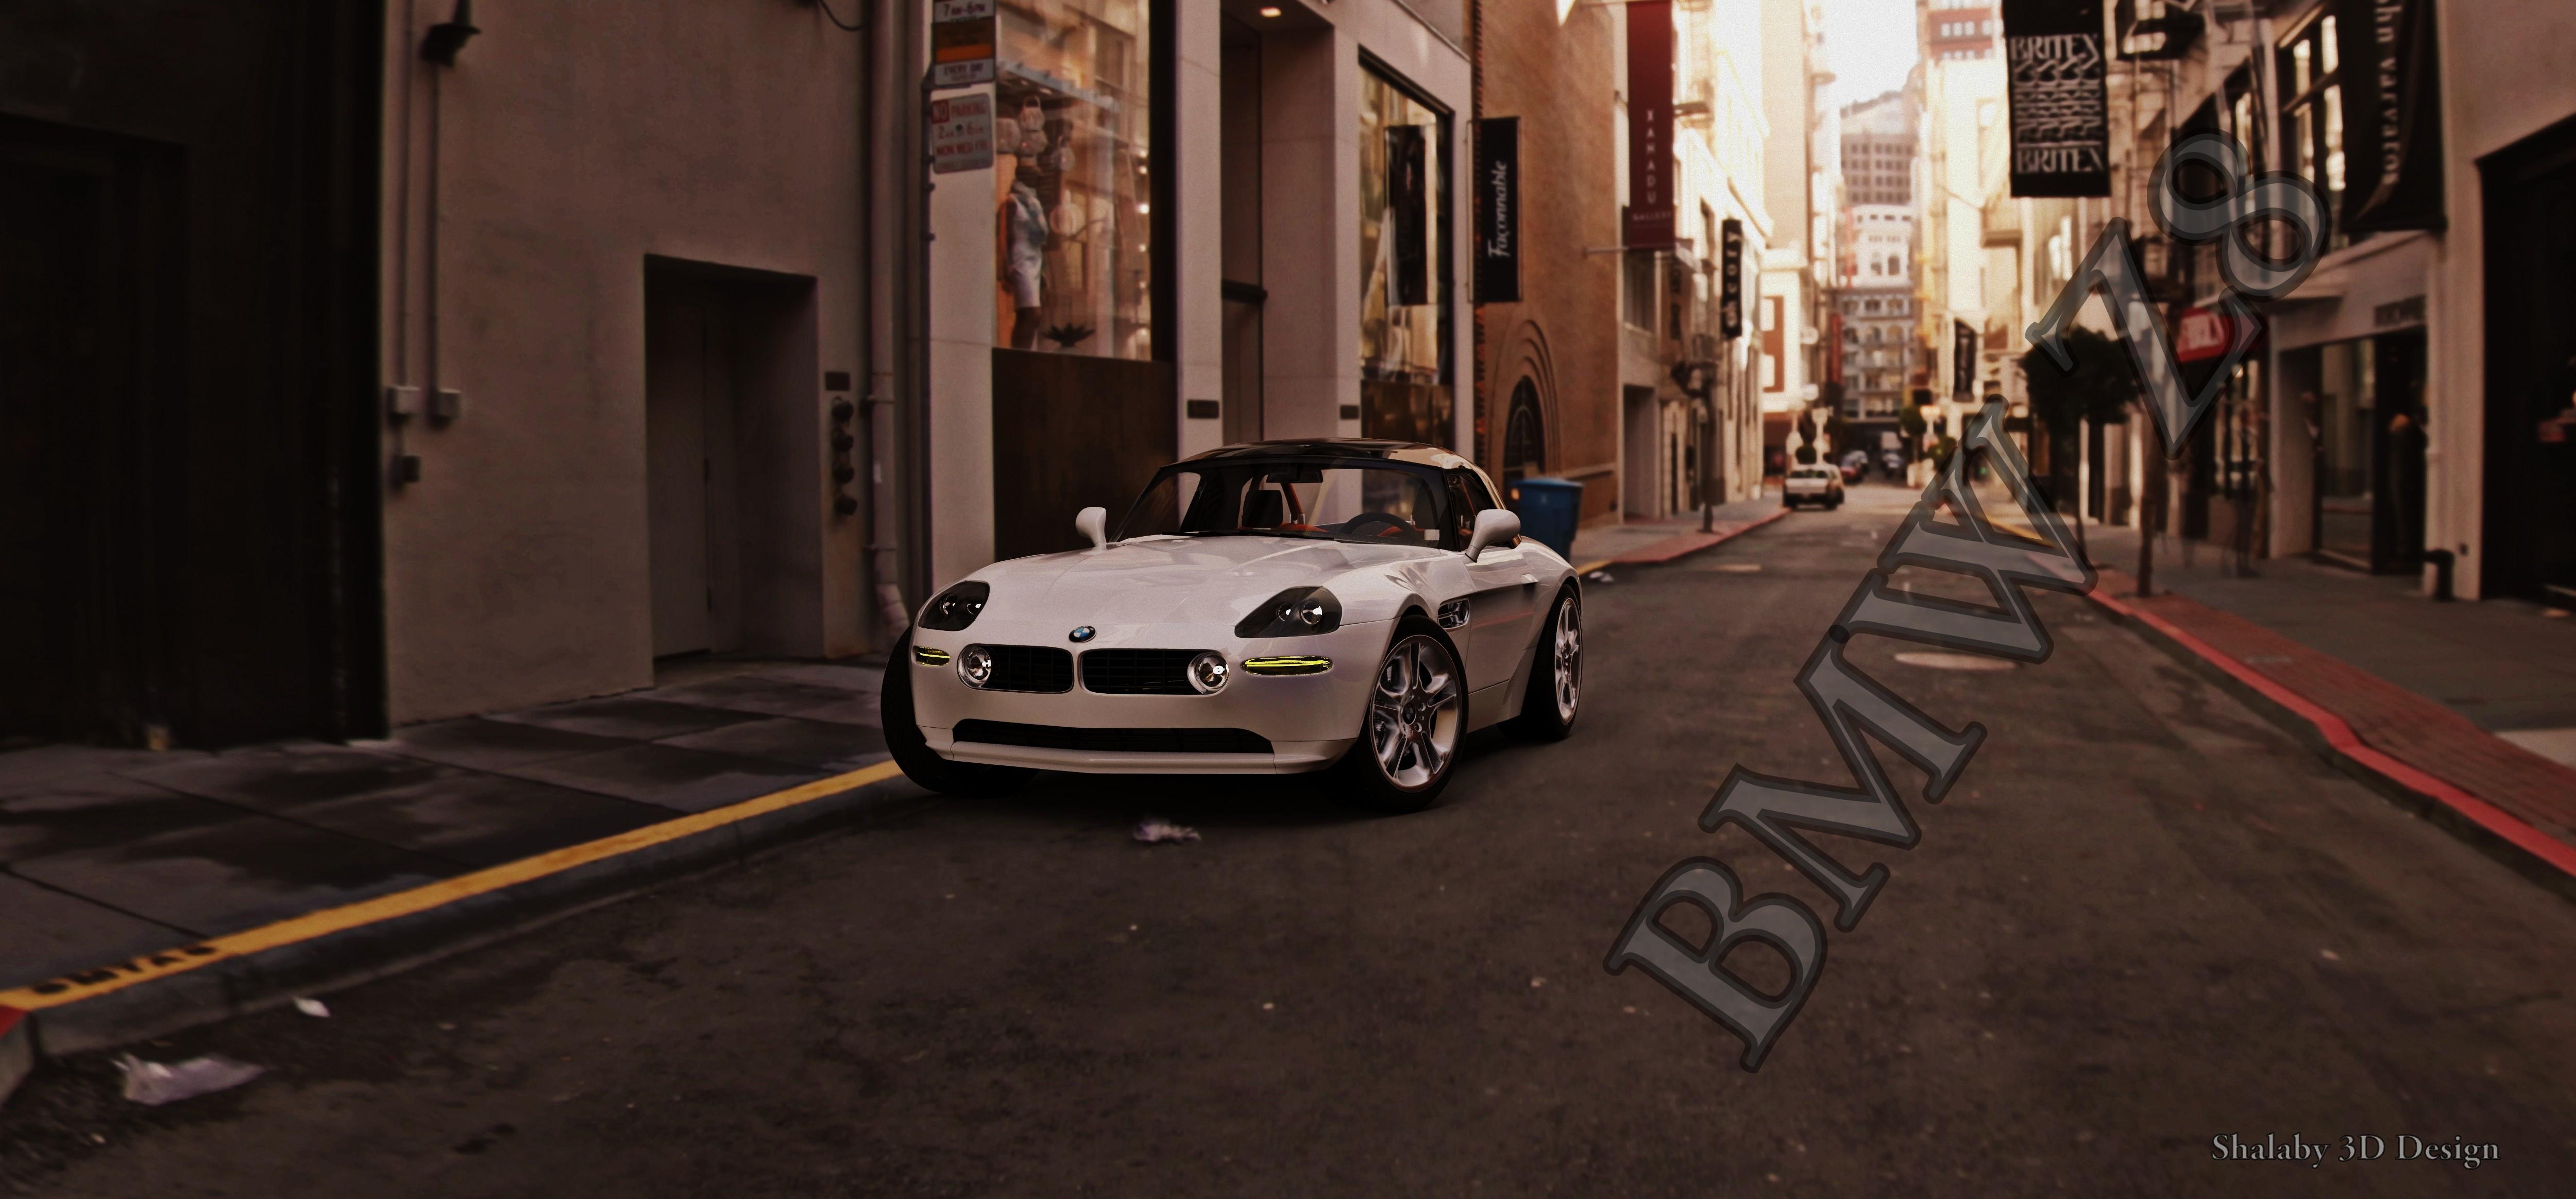 BMW Z8 roadster e52 1999 3d art